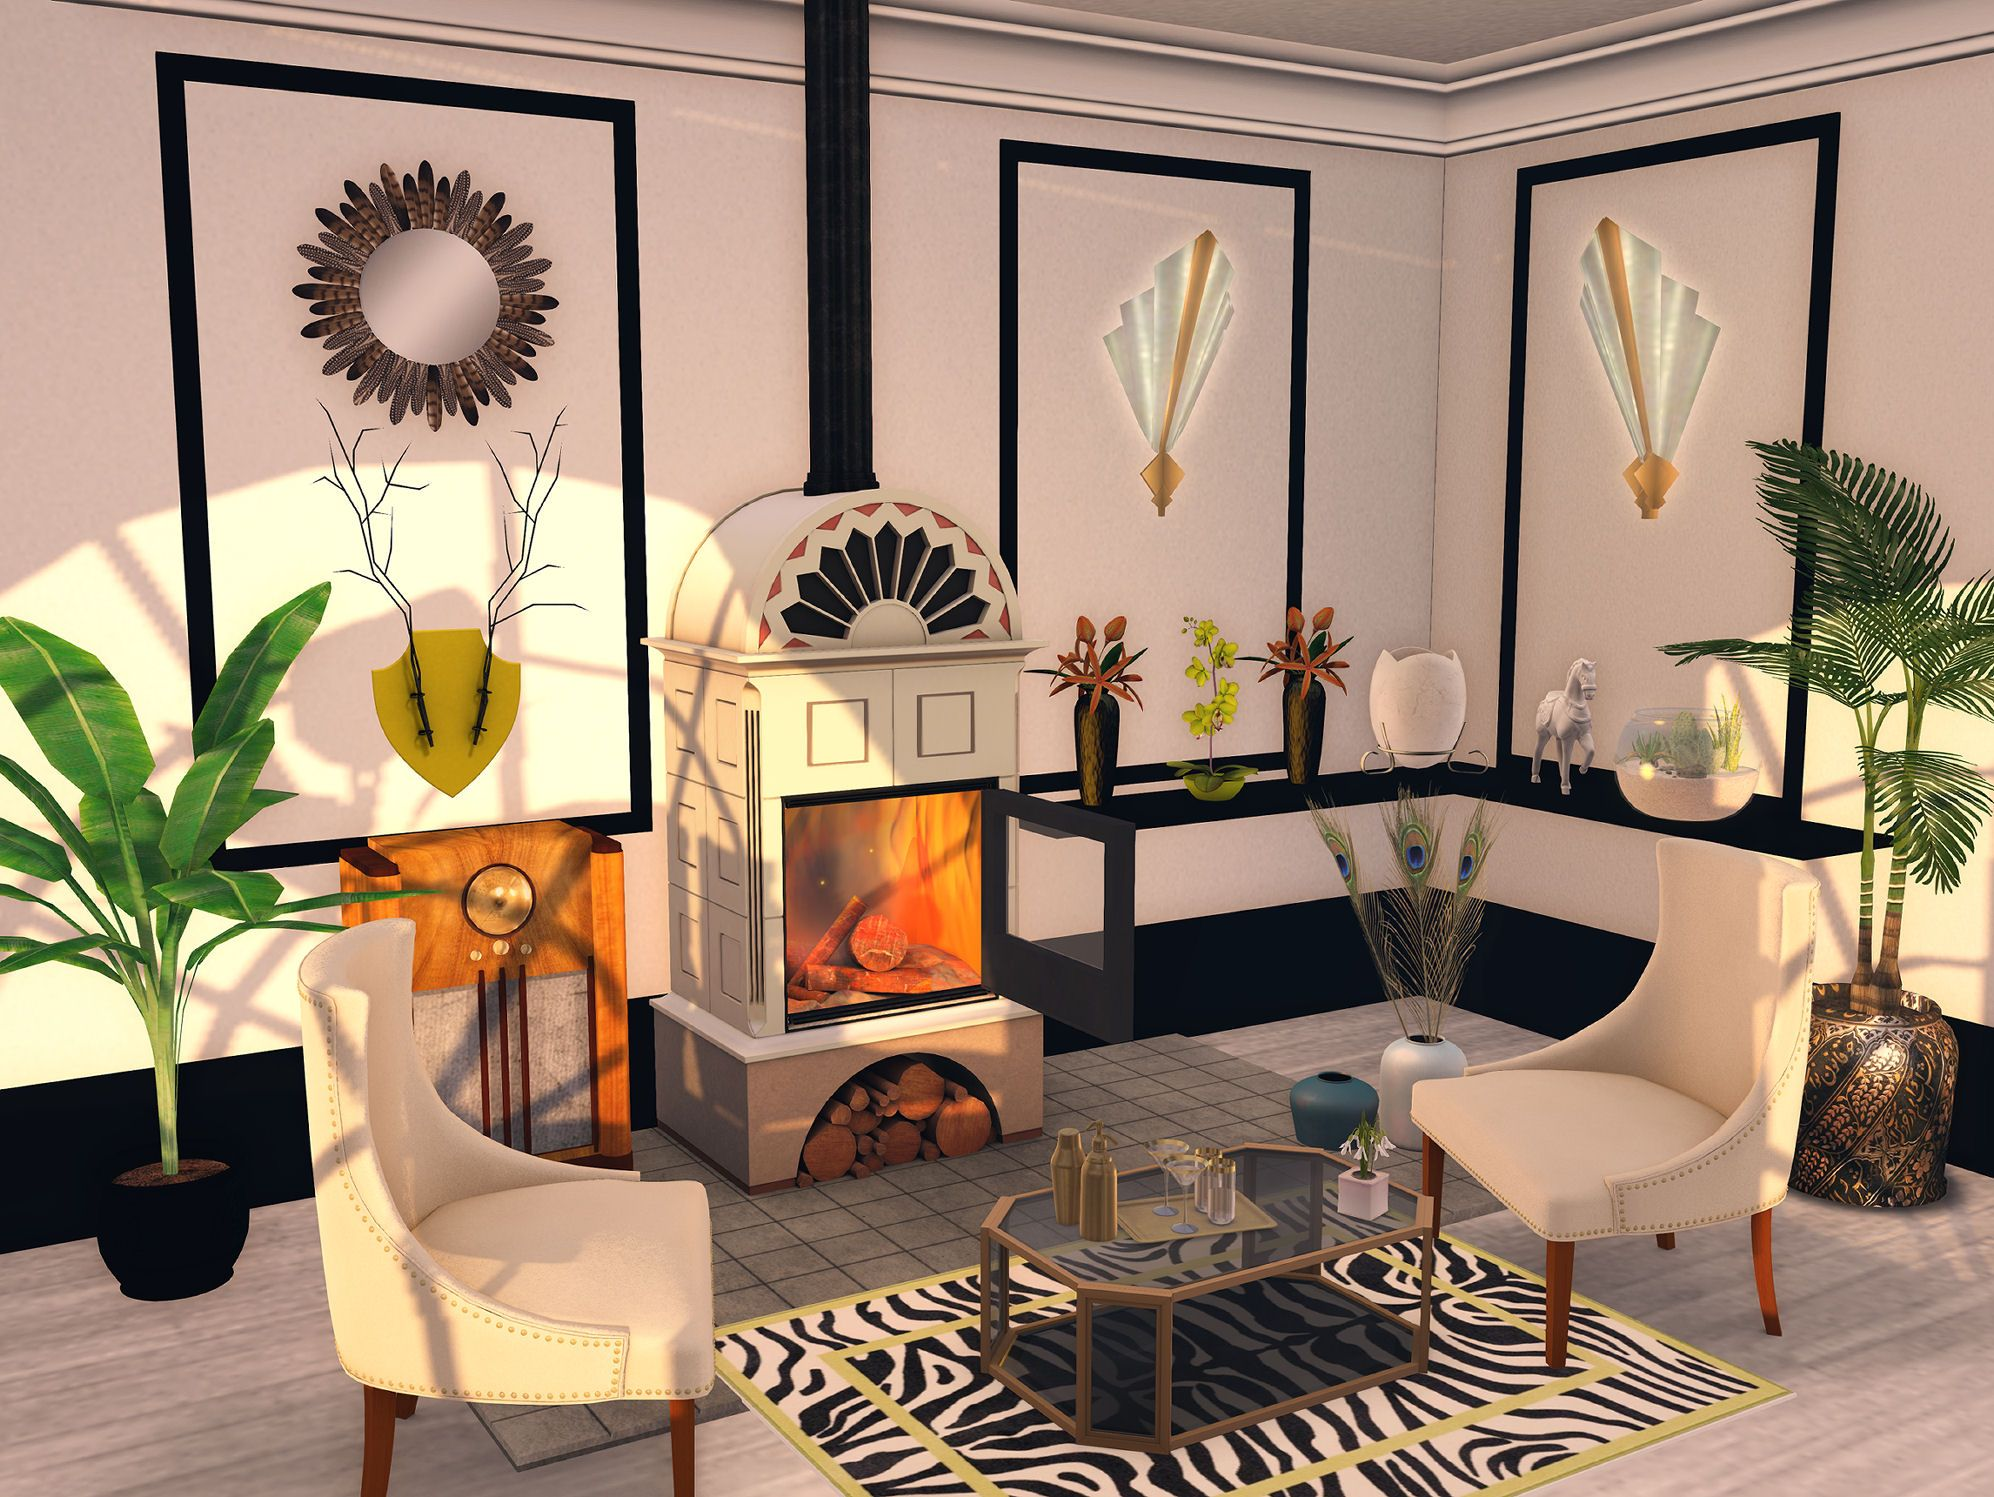 Petit Buffet Art Deco image result for art deco lounge | art deco, home decor, deco